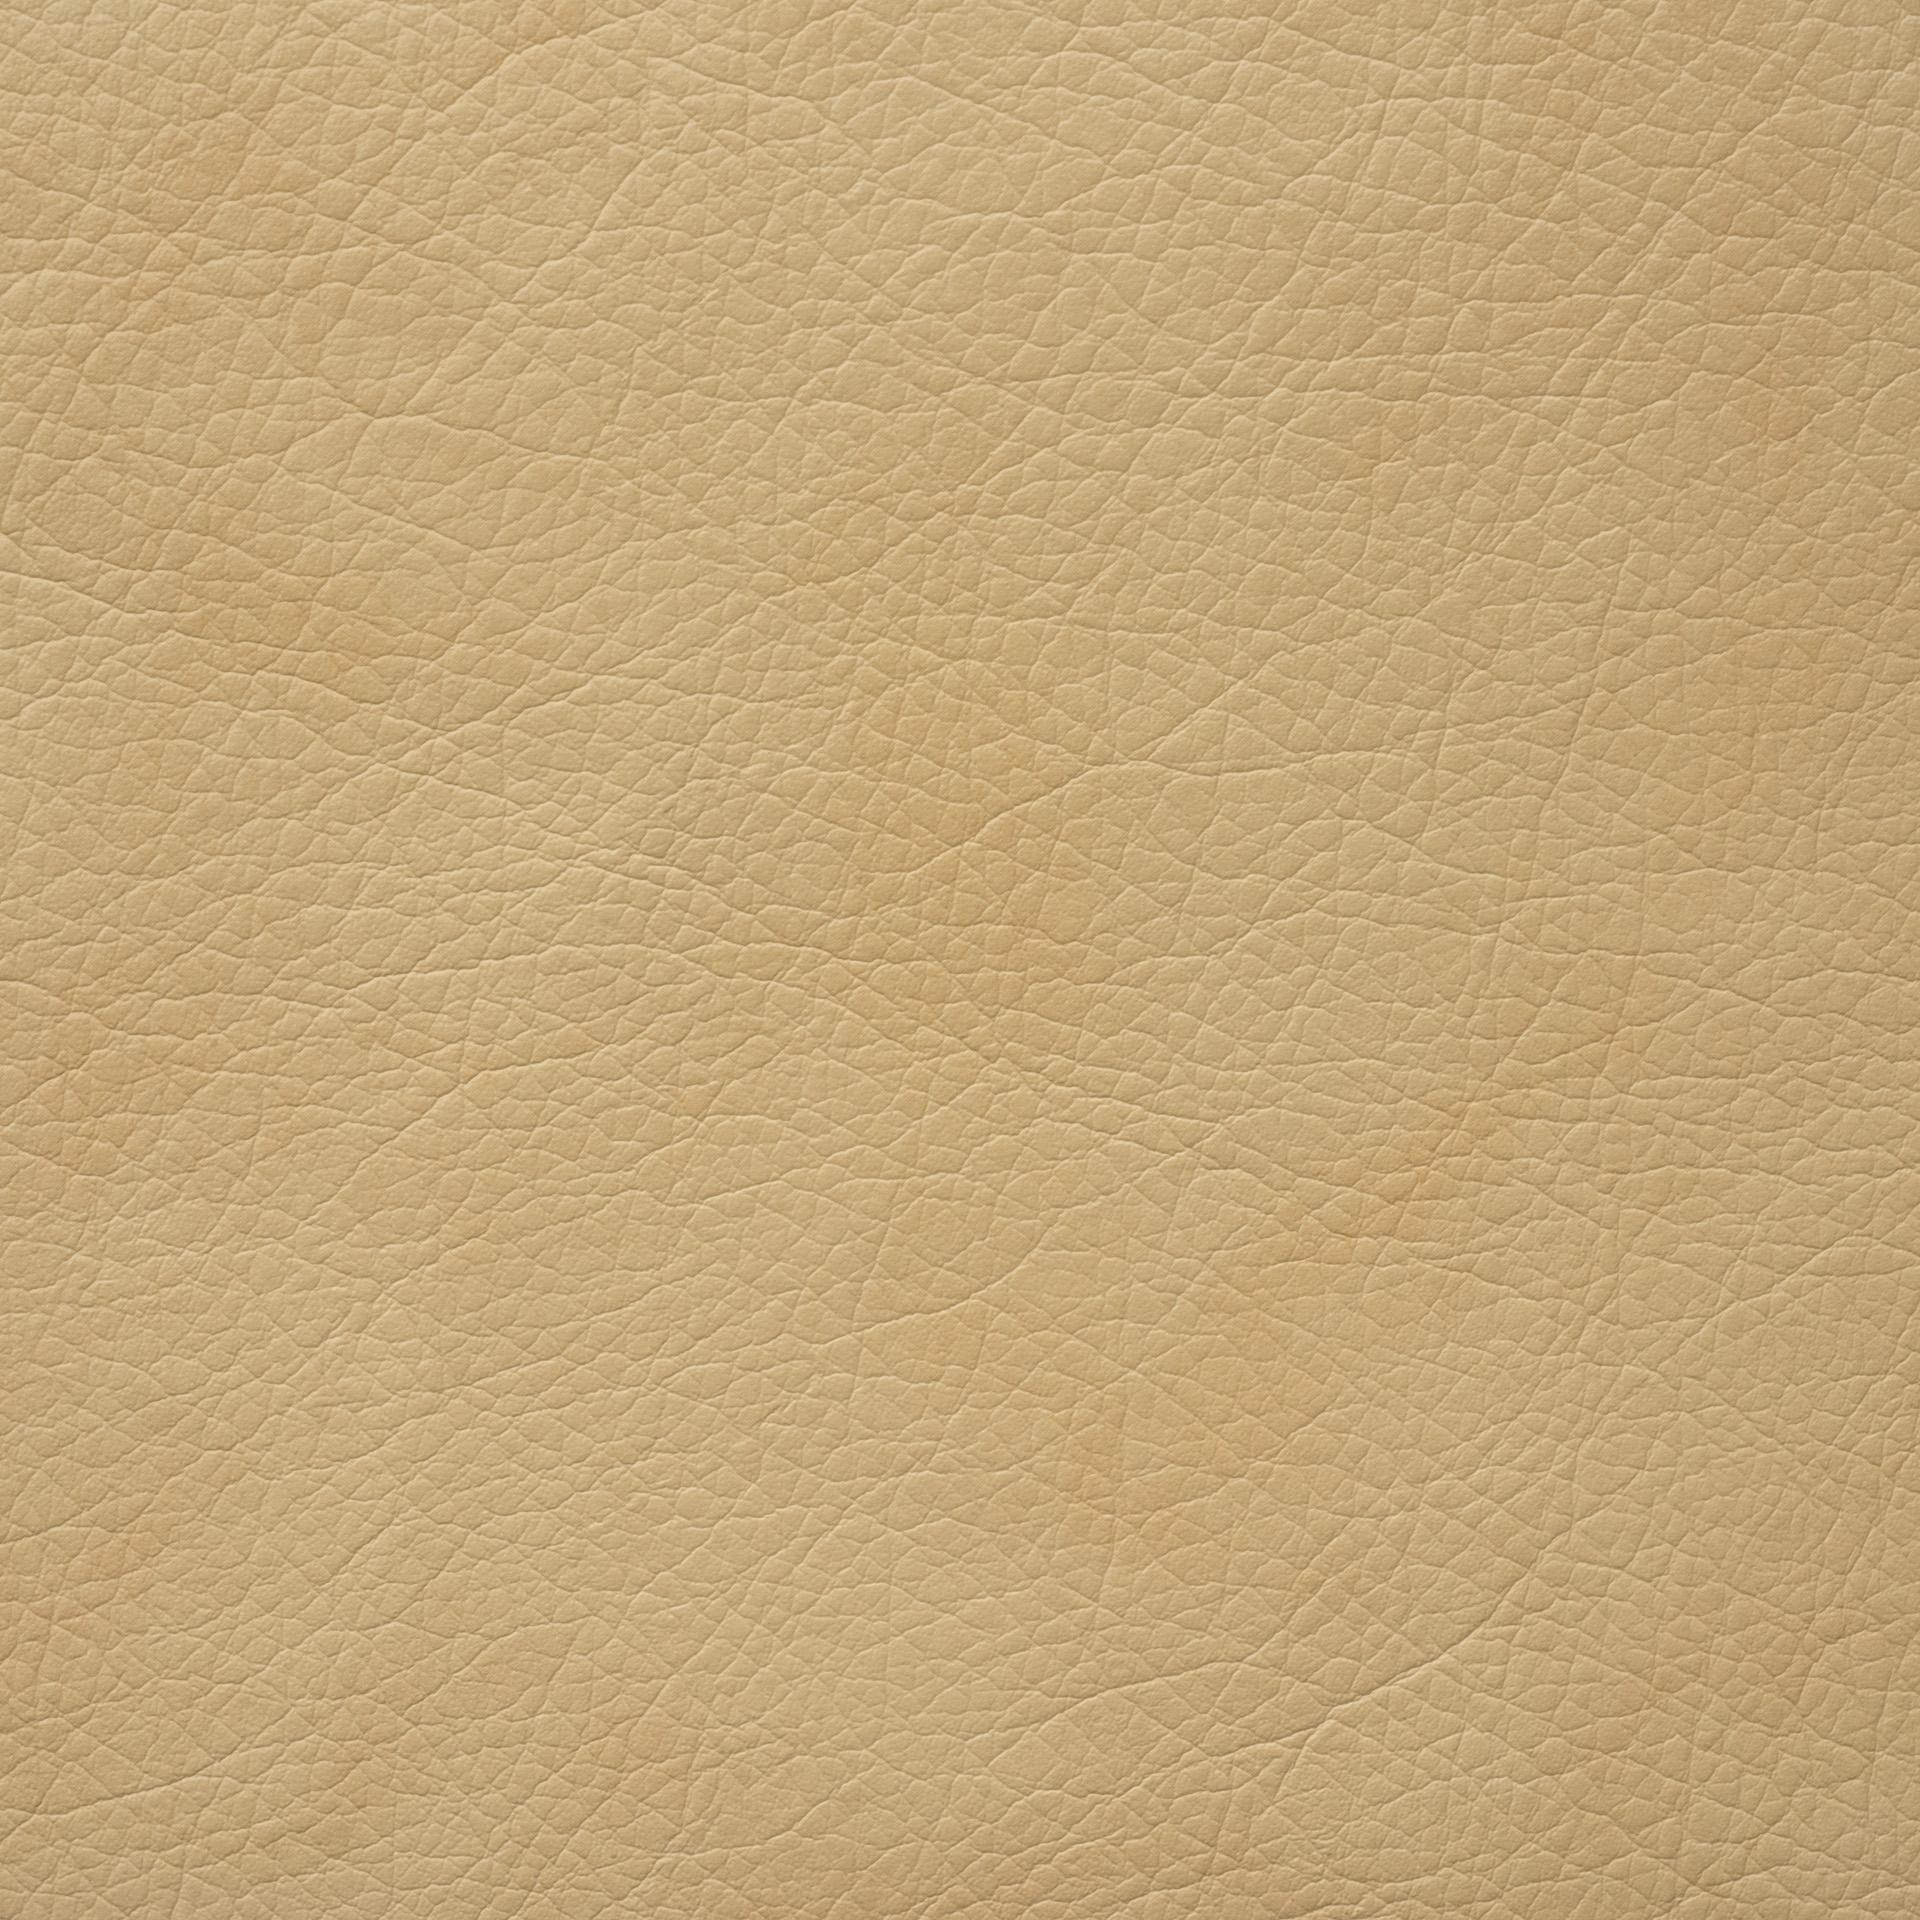 Коллекция ткани Титан VANILLA,  купить ткань Кож зам для мебели Украина